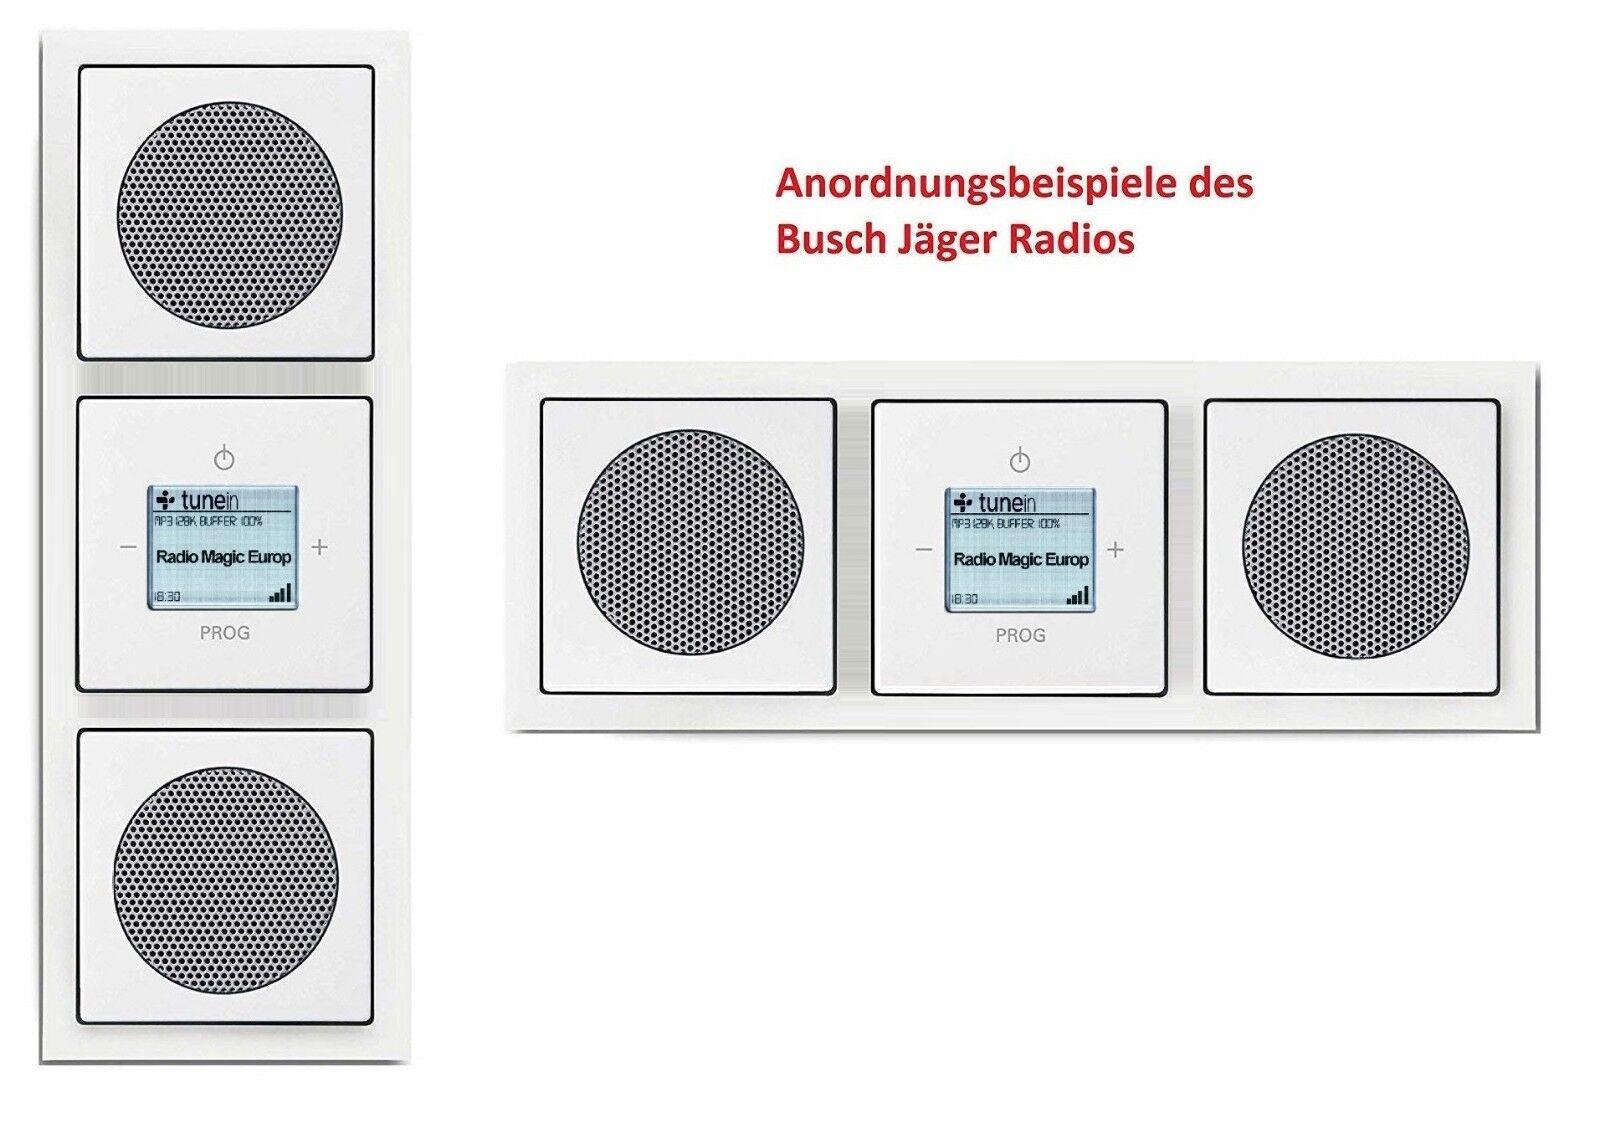 Busch Jäger WLAN INET Radio 3 fach 8216 U 8216U 2x Lautsprecher Future linear